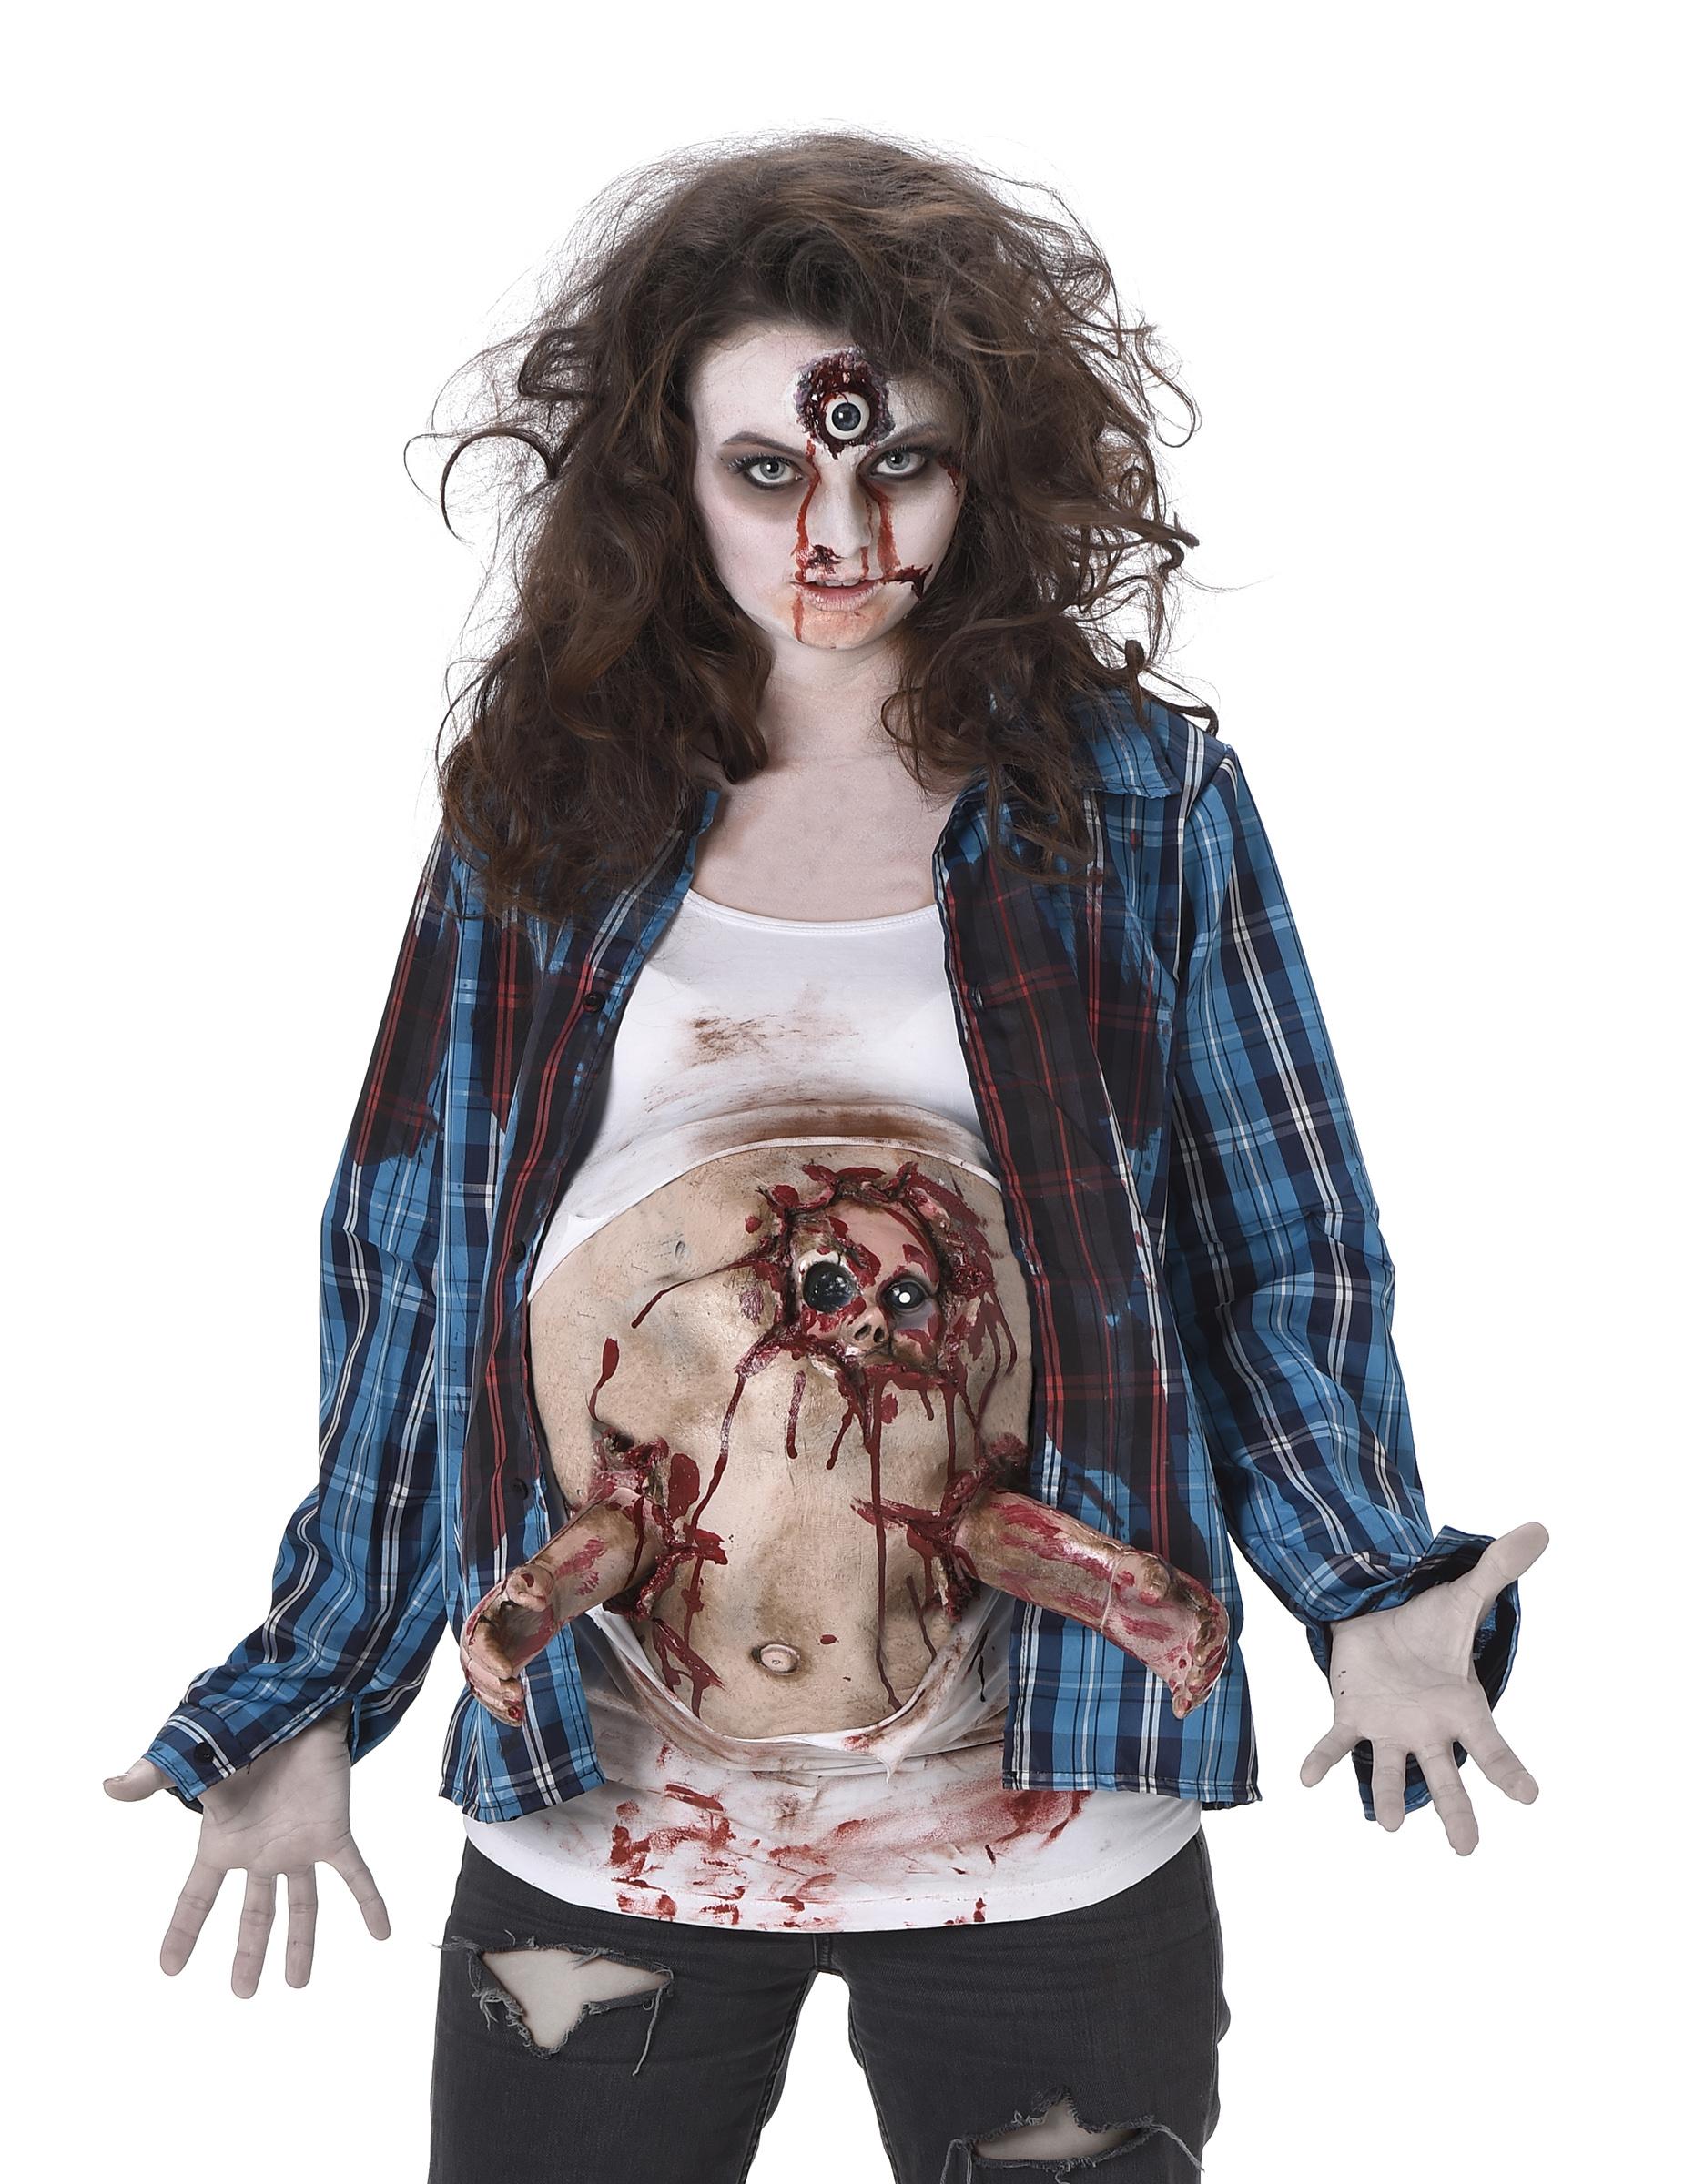 d guisement zombie ventre en latex femme halloween deguise toi achat de d guisements adultes. Black Bedroom Furniture Sets. Home Design Ideas